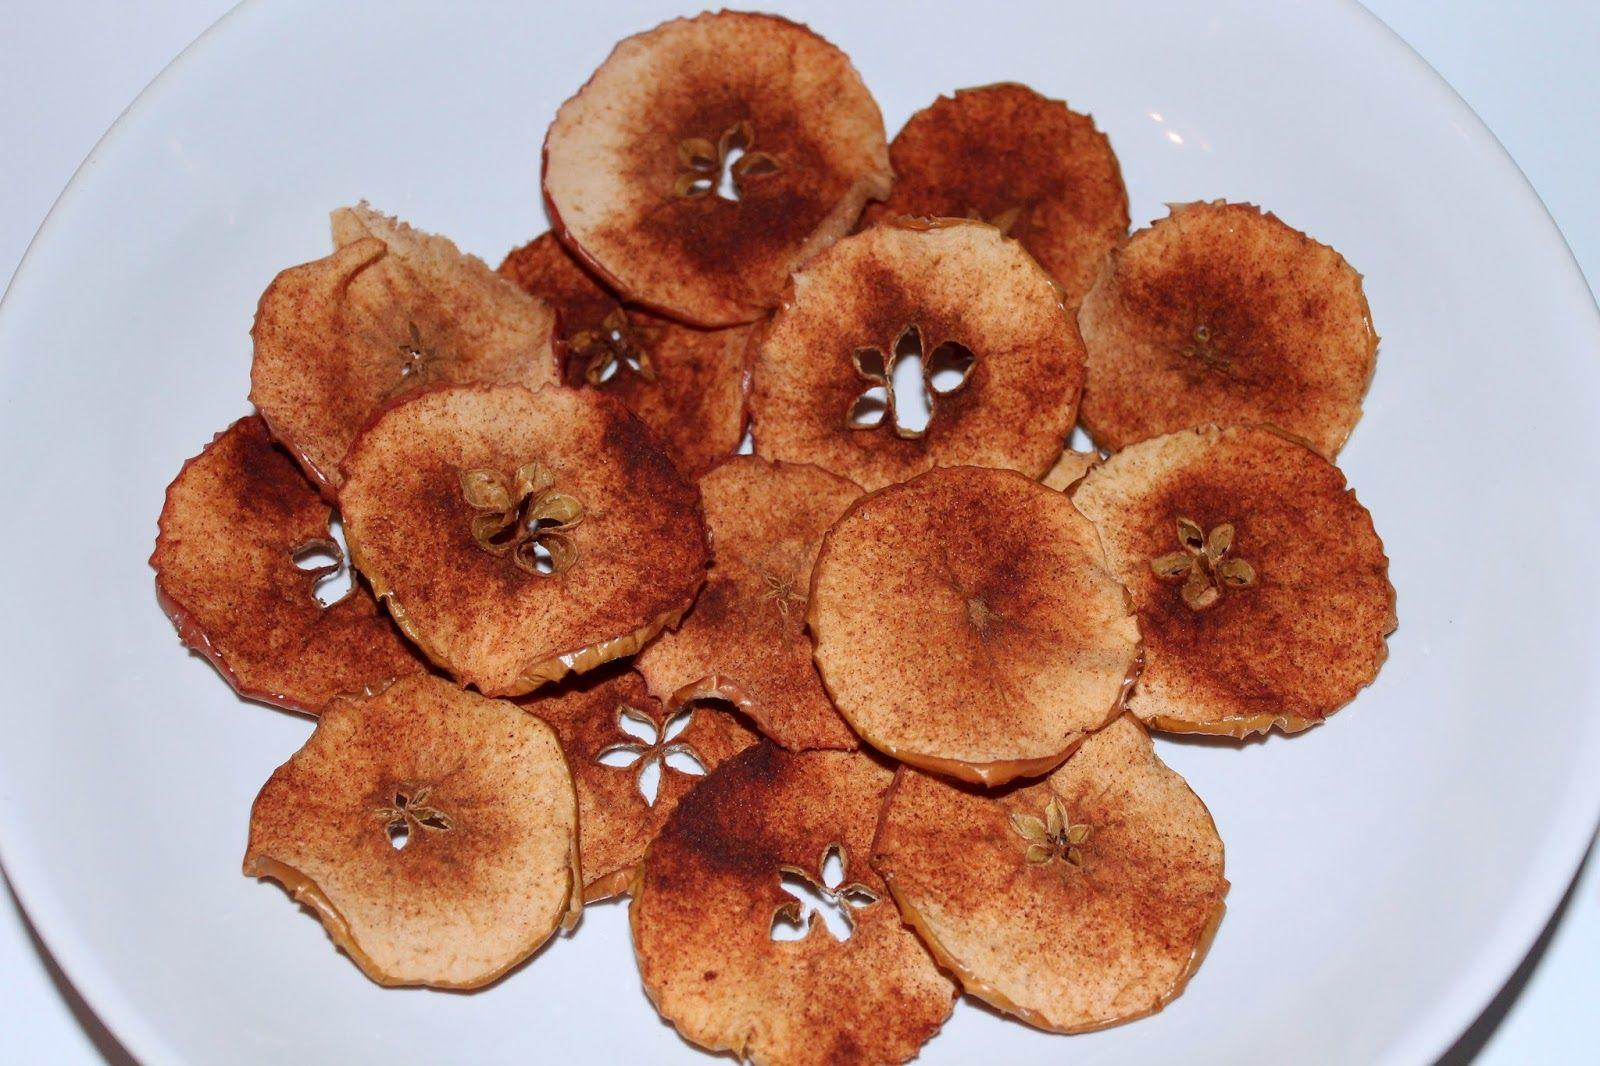 DIY Apfel-Zimt-Chips einfach selber machen - leckeres Rezept #geschenkideenweihnachteneltern